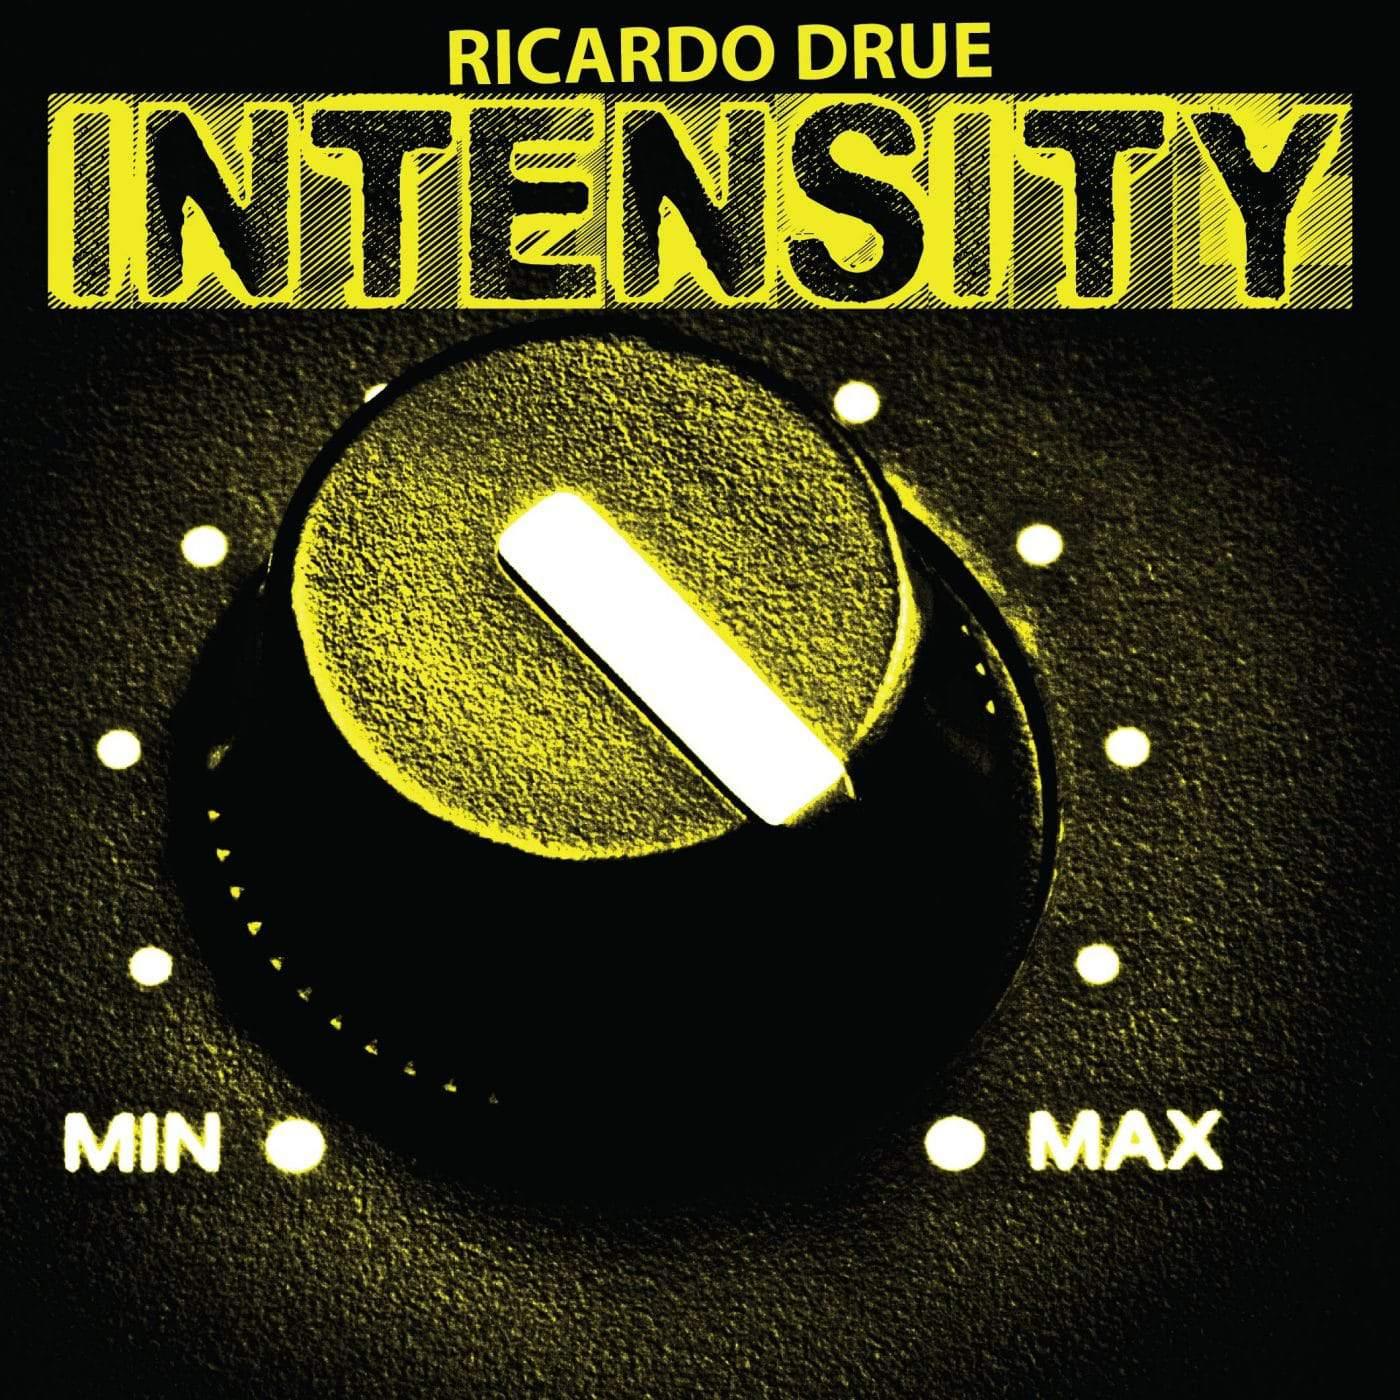 Ricardo Drue - Intensity - Instrumental